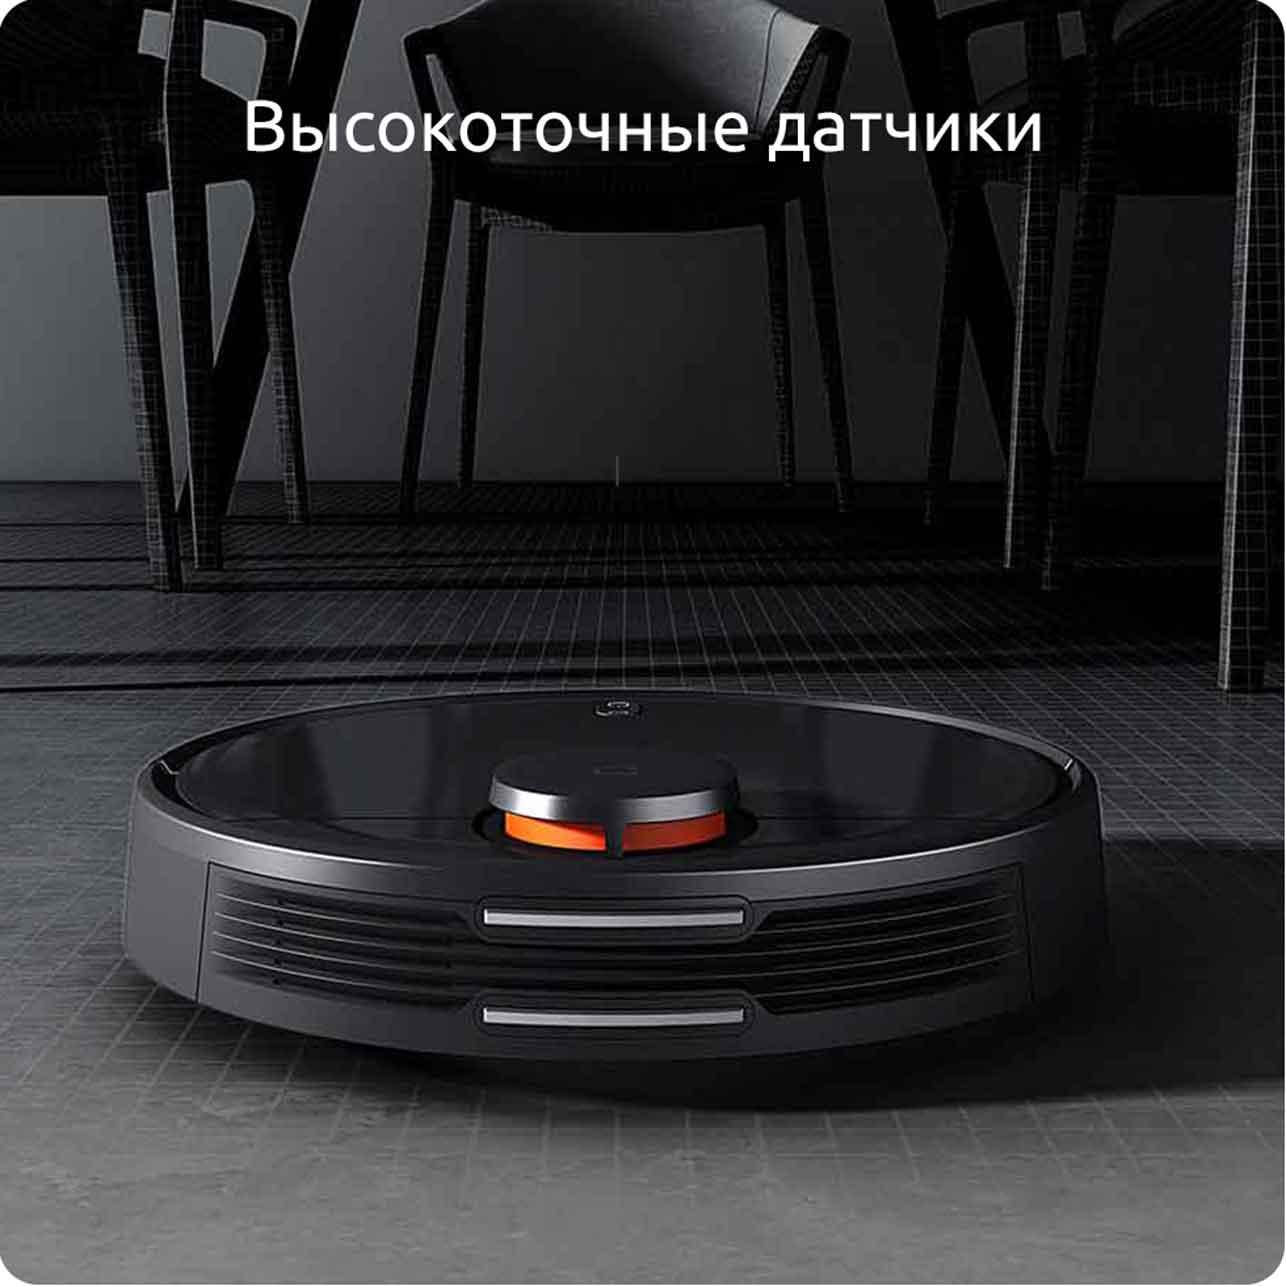 Робот-пылесос Xiaomi Mijia LDS Vacuum Cleaner (черный) высокоточные датчики